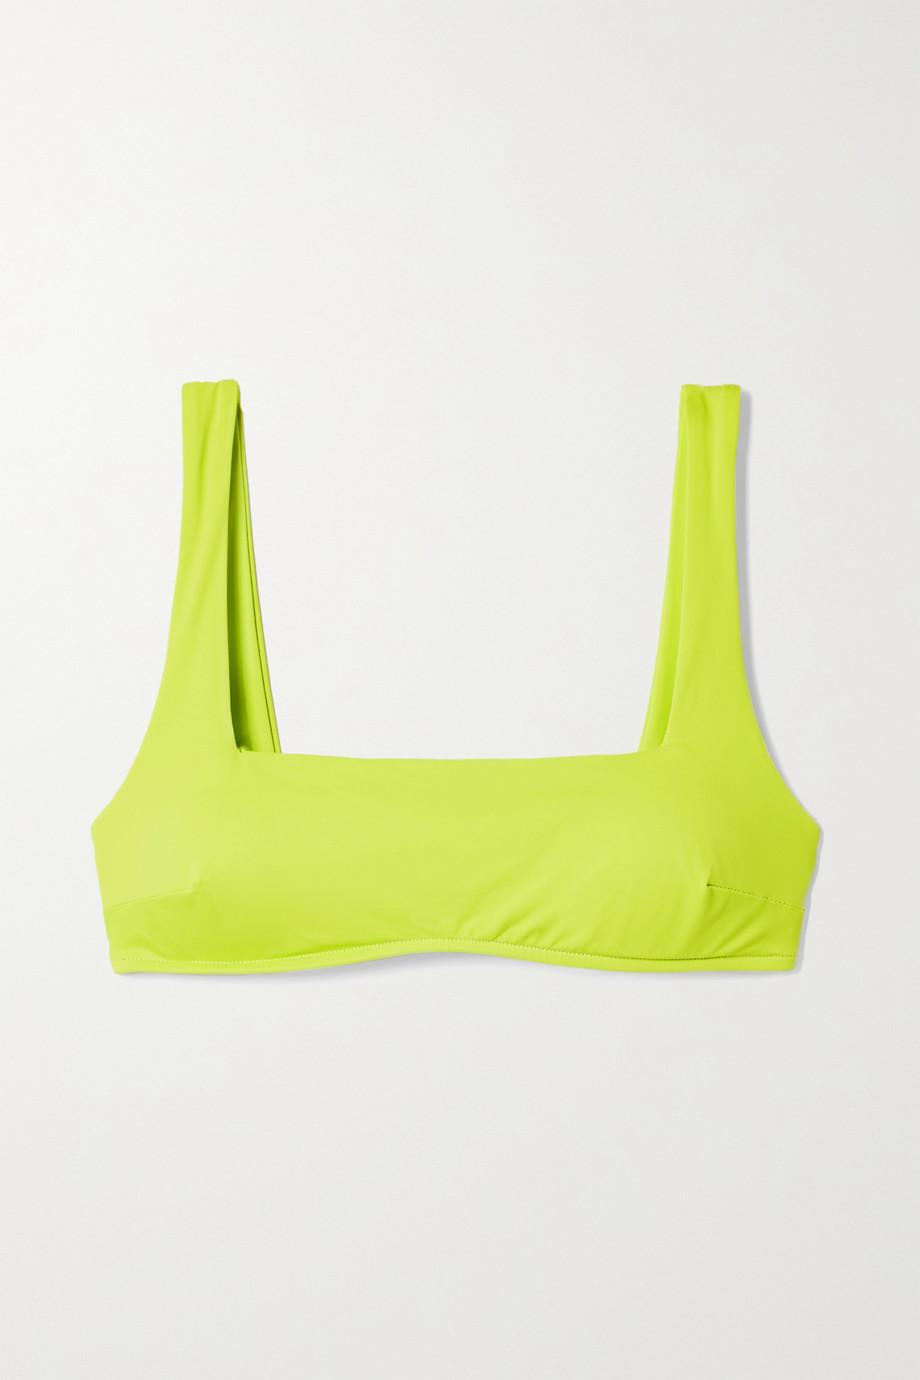 BONDI BORN + NET SUSTAIN Aria bikini top